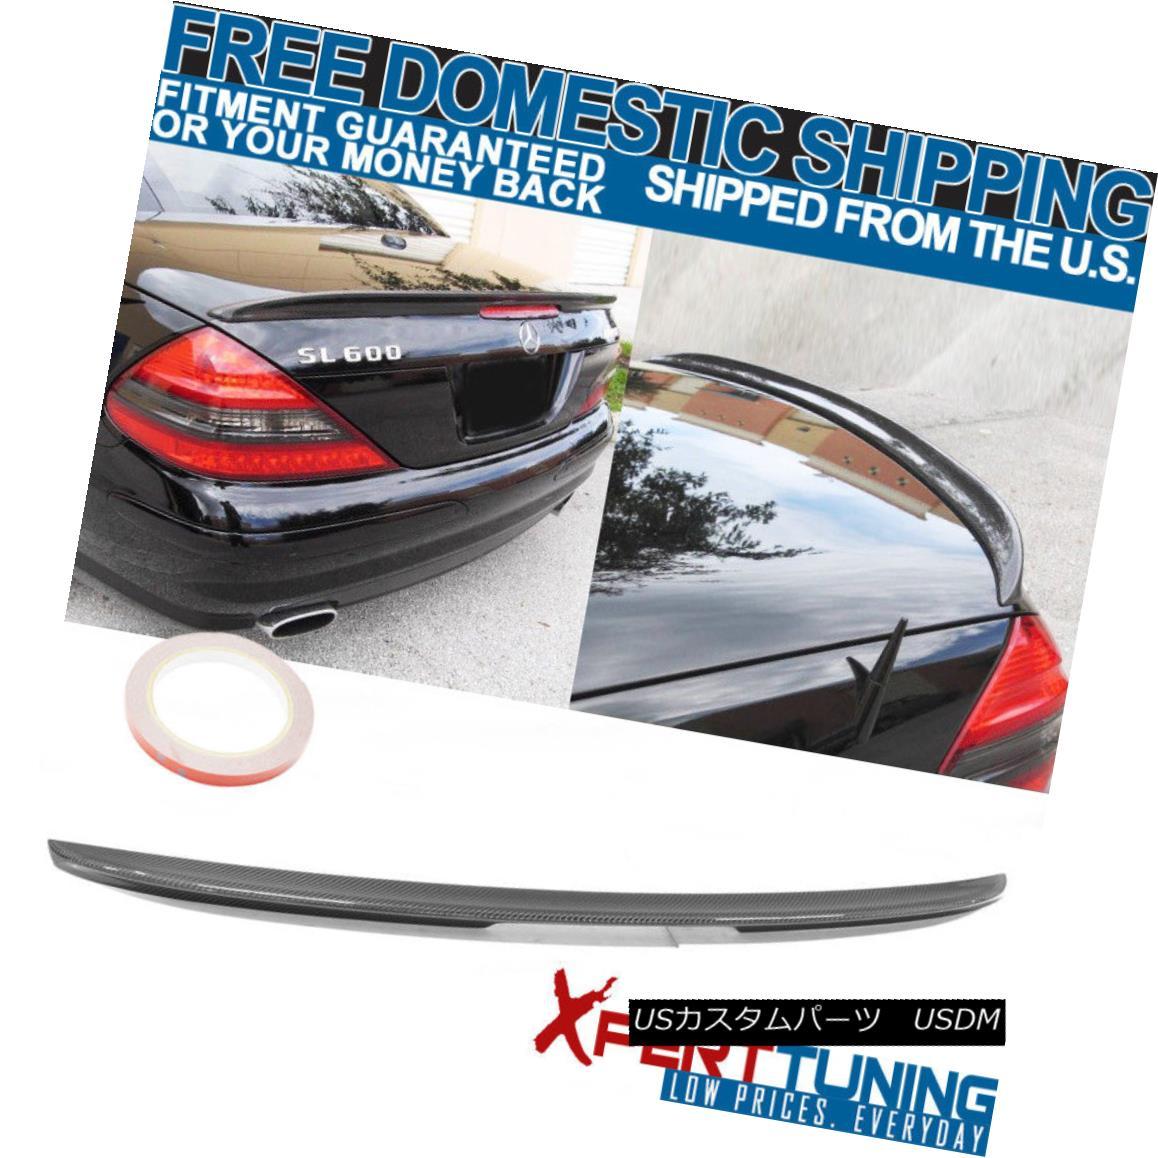 エアロパーツ FIT For 03-11 Benz SL Class R230 AMG Style Carbon Fiber Cf Trunk Spoiler FIT 03-11ベンツSLクラスR230 AMGスタイル炭素繊維Cfトランク・スポイラー